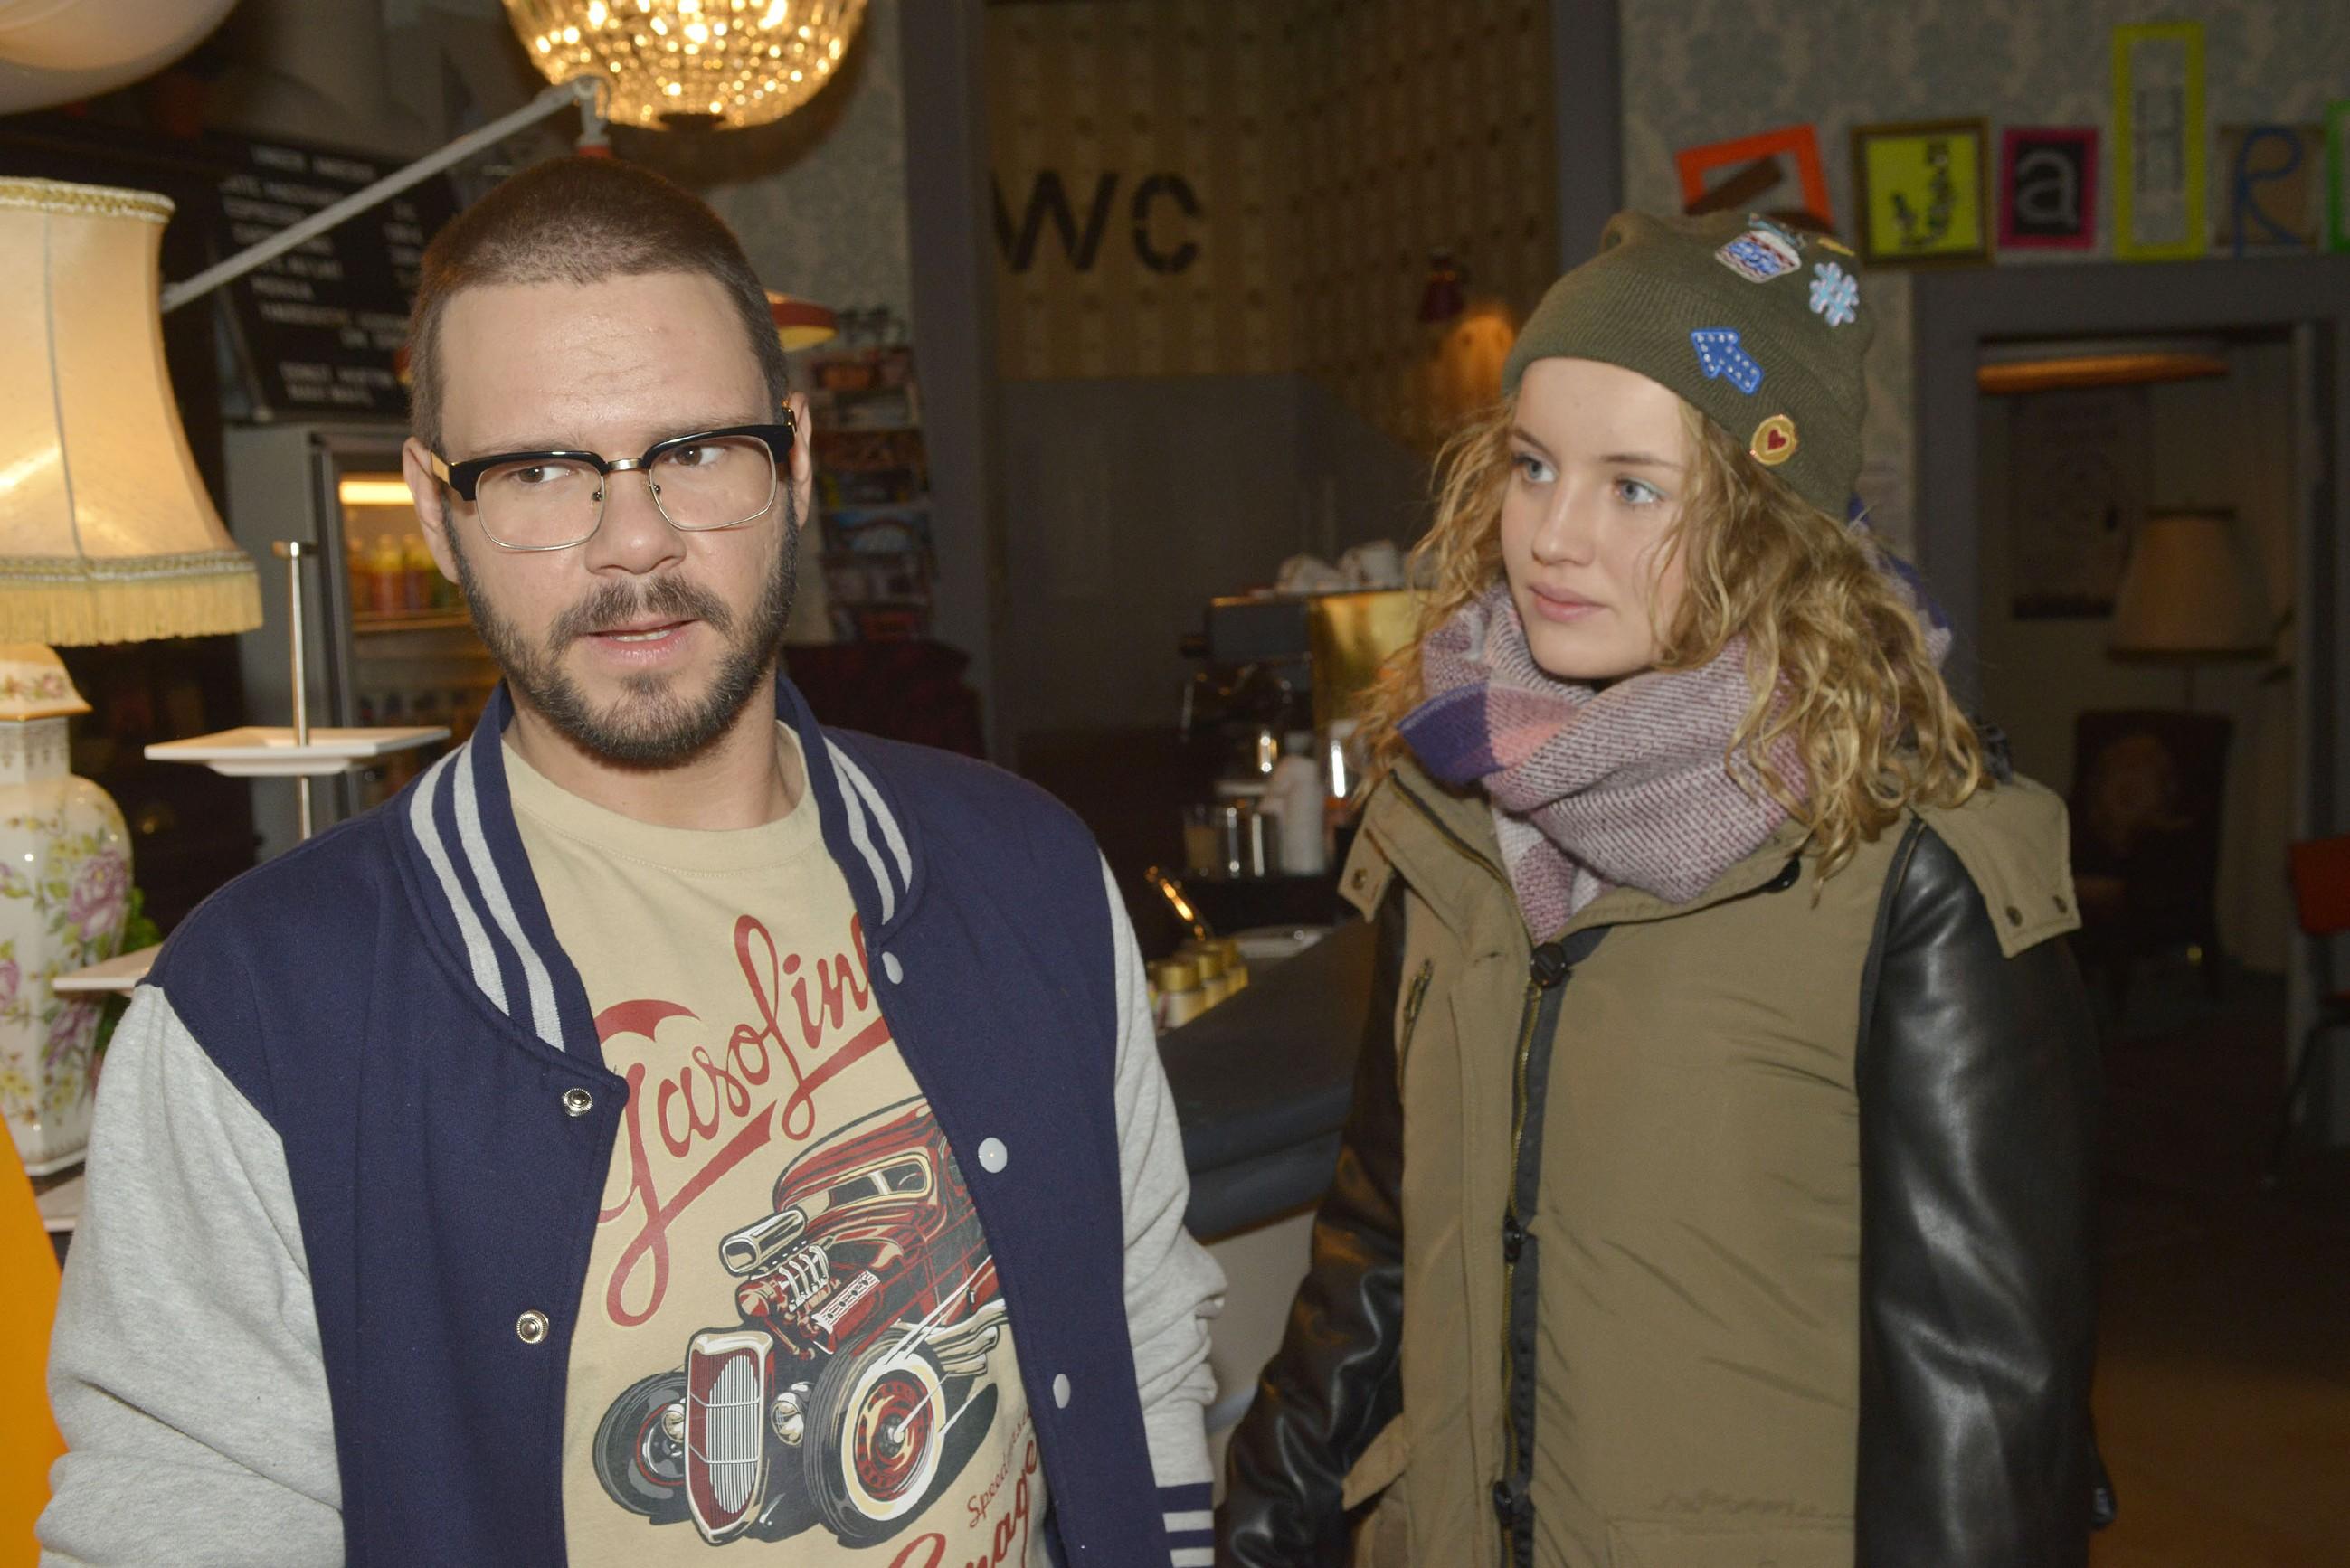 Als Jule (Luise von Finckh) Tuner (Thomas Drechsel) zur Rede stellen will, weil er sie vor Anni diskreditiert hat, wird sie durch sein Wohnungsproblem ausgebremst. (Quelle: RTL / Rolf Baumgartner)